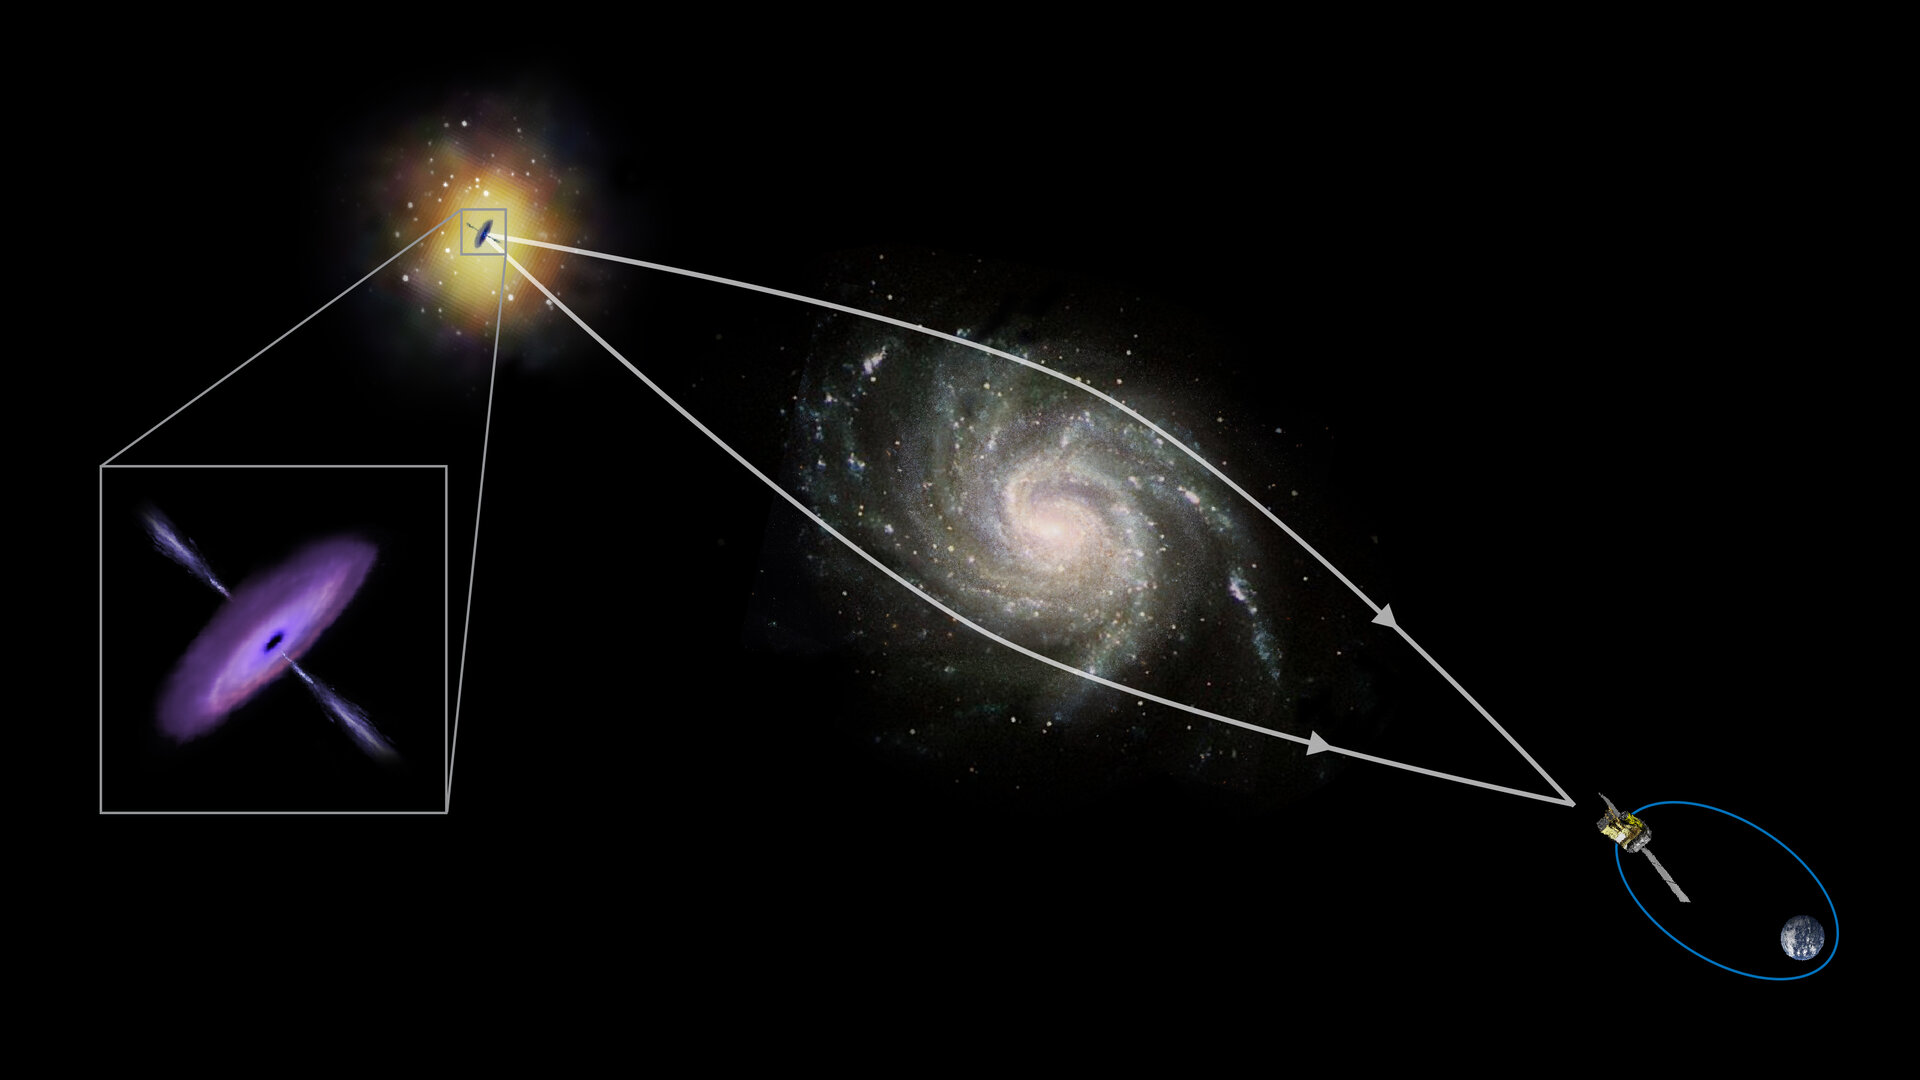 Esa Gravitational Lensing